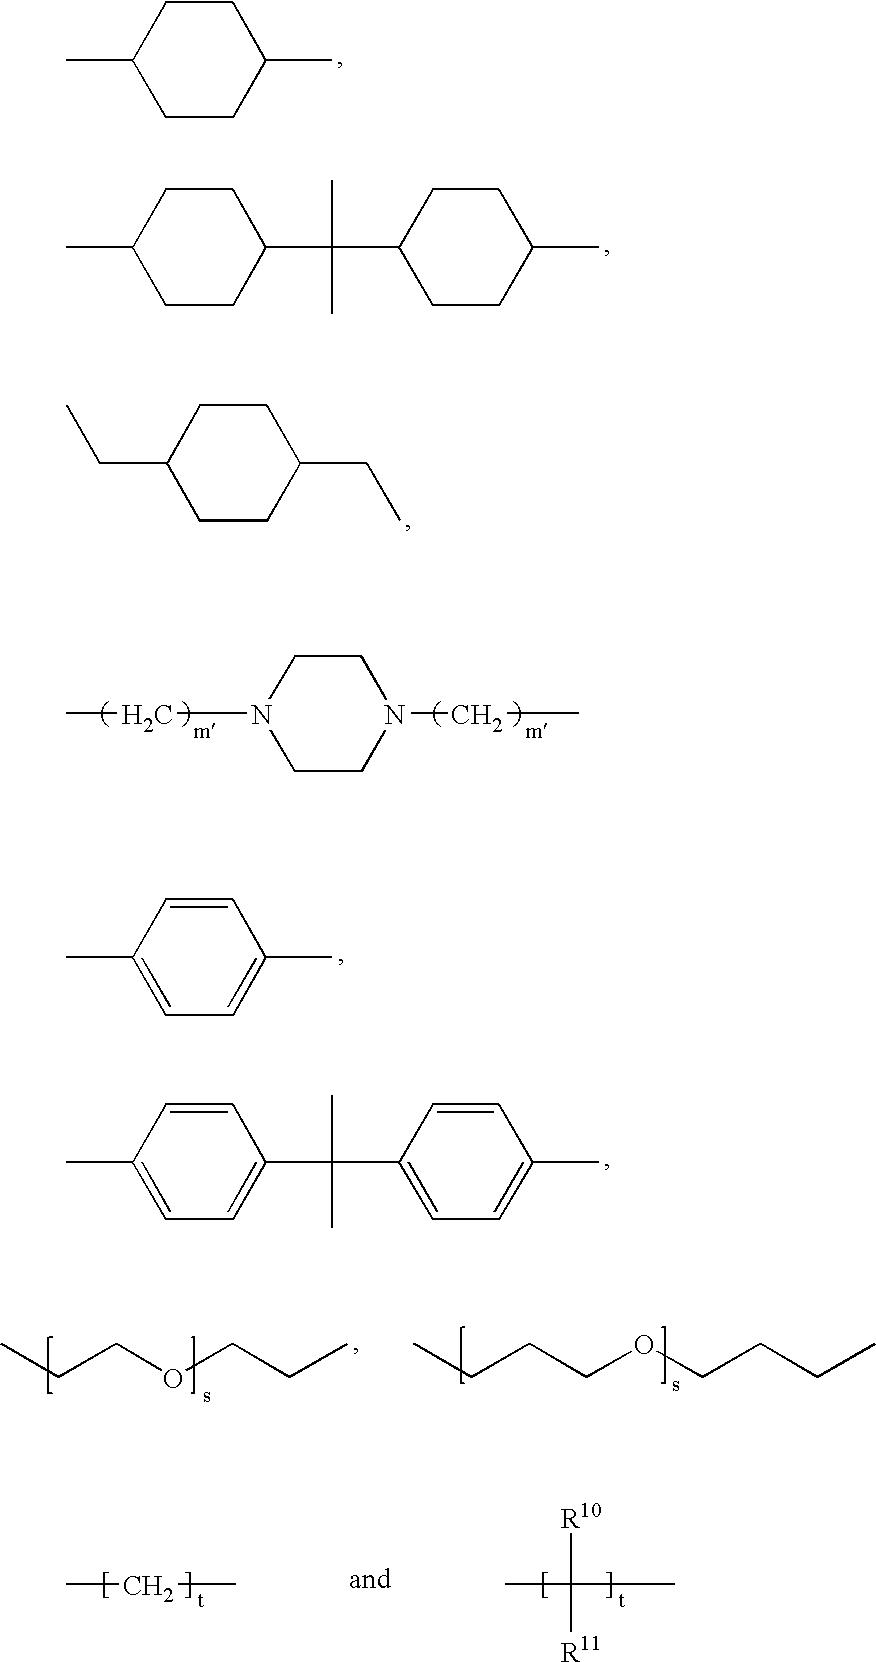 Figure US20060235084A1-20061019-C00080